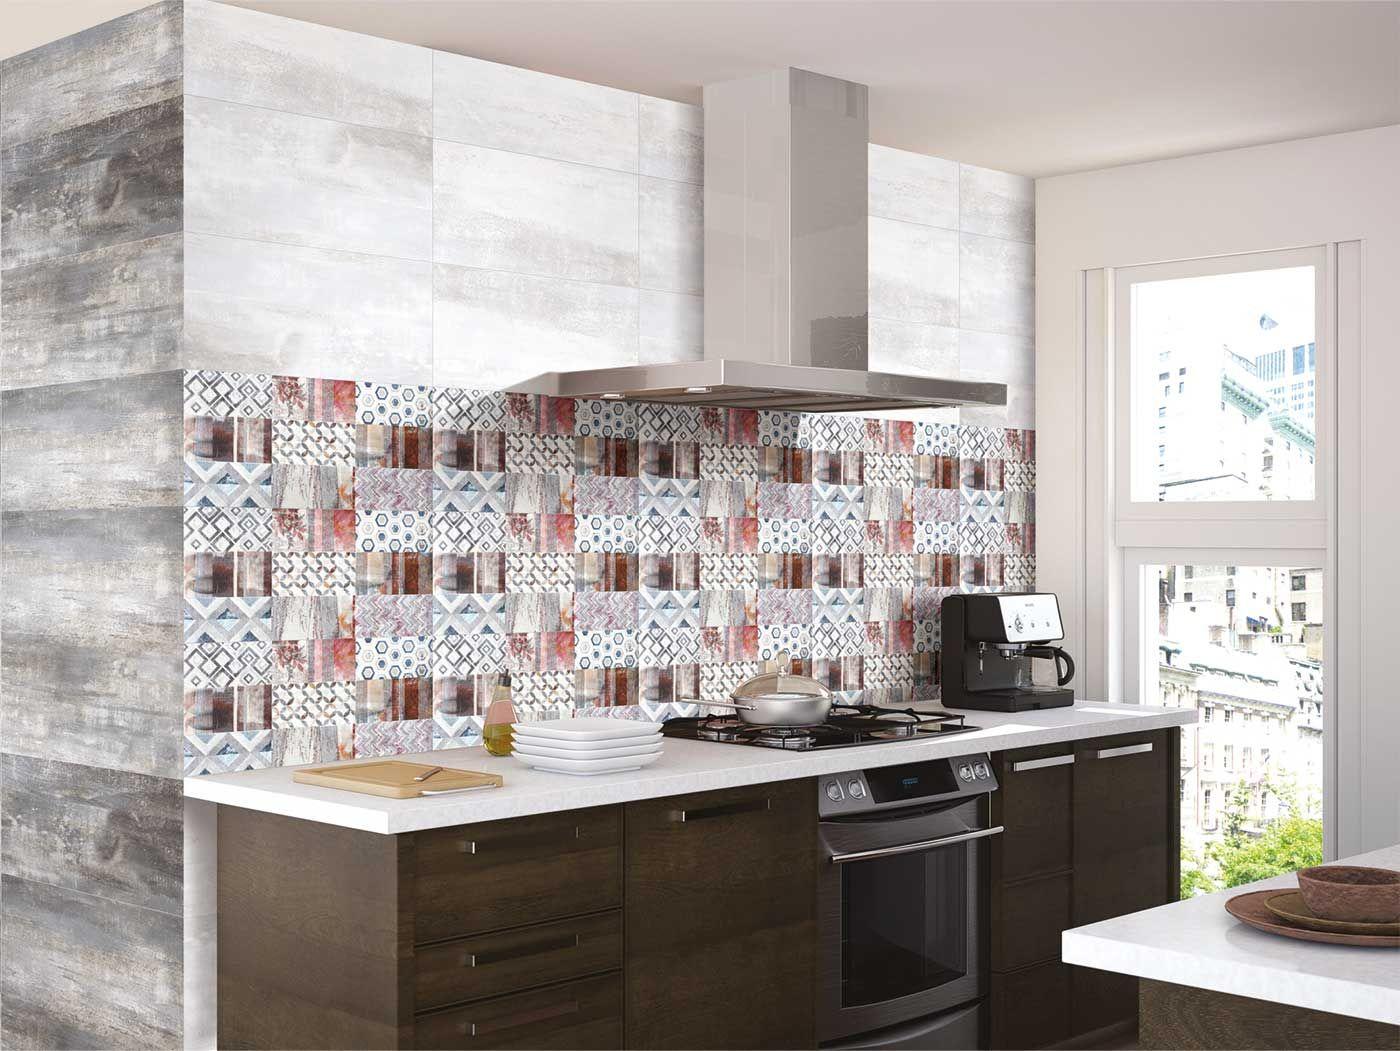 47 Unique Metallic Tiles Kitchen Tiles Design Metallic Tiles